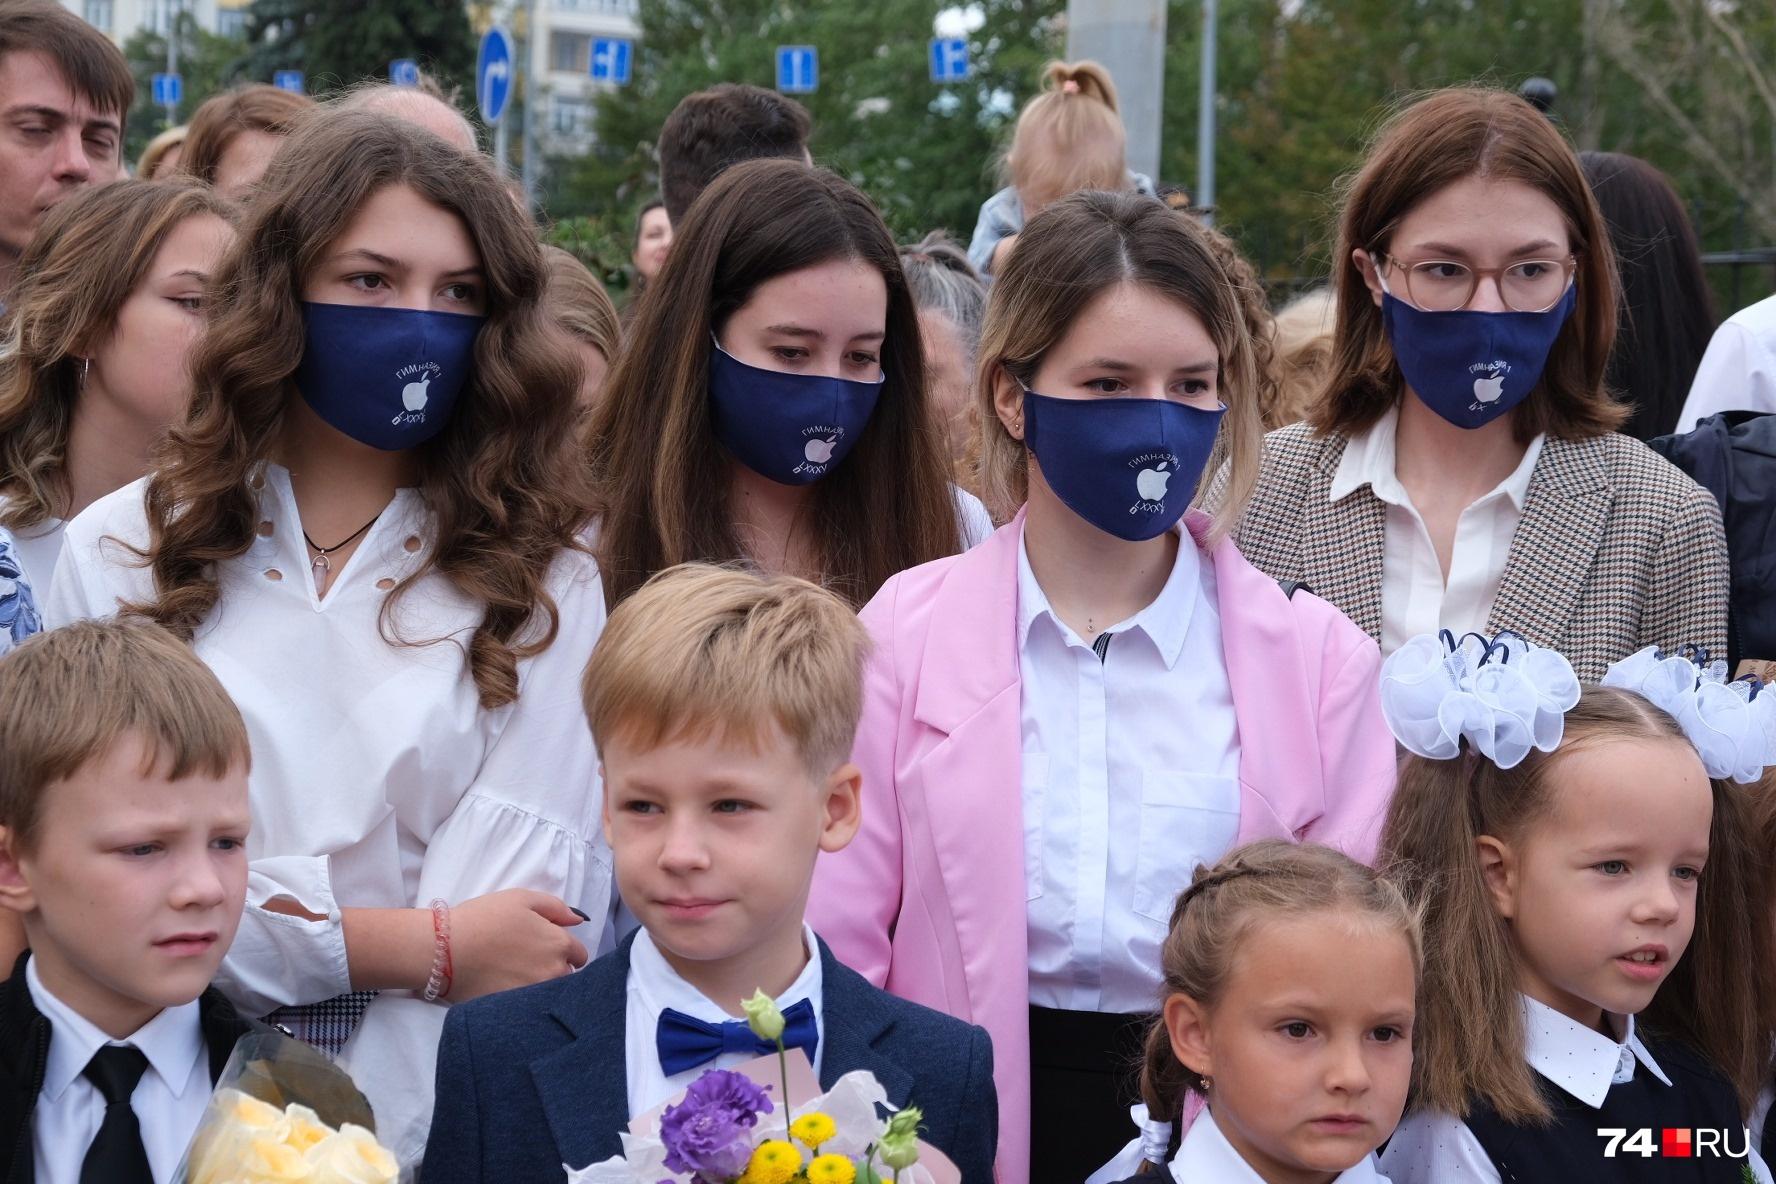 Если учитесь в одной школе, то и маски у вас должны быть одинаковыми